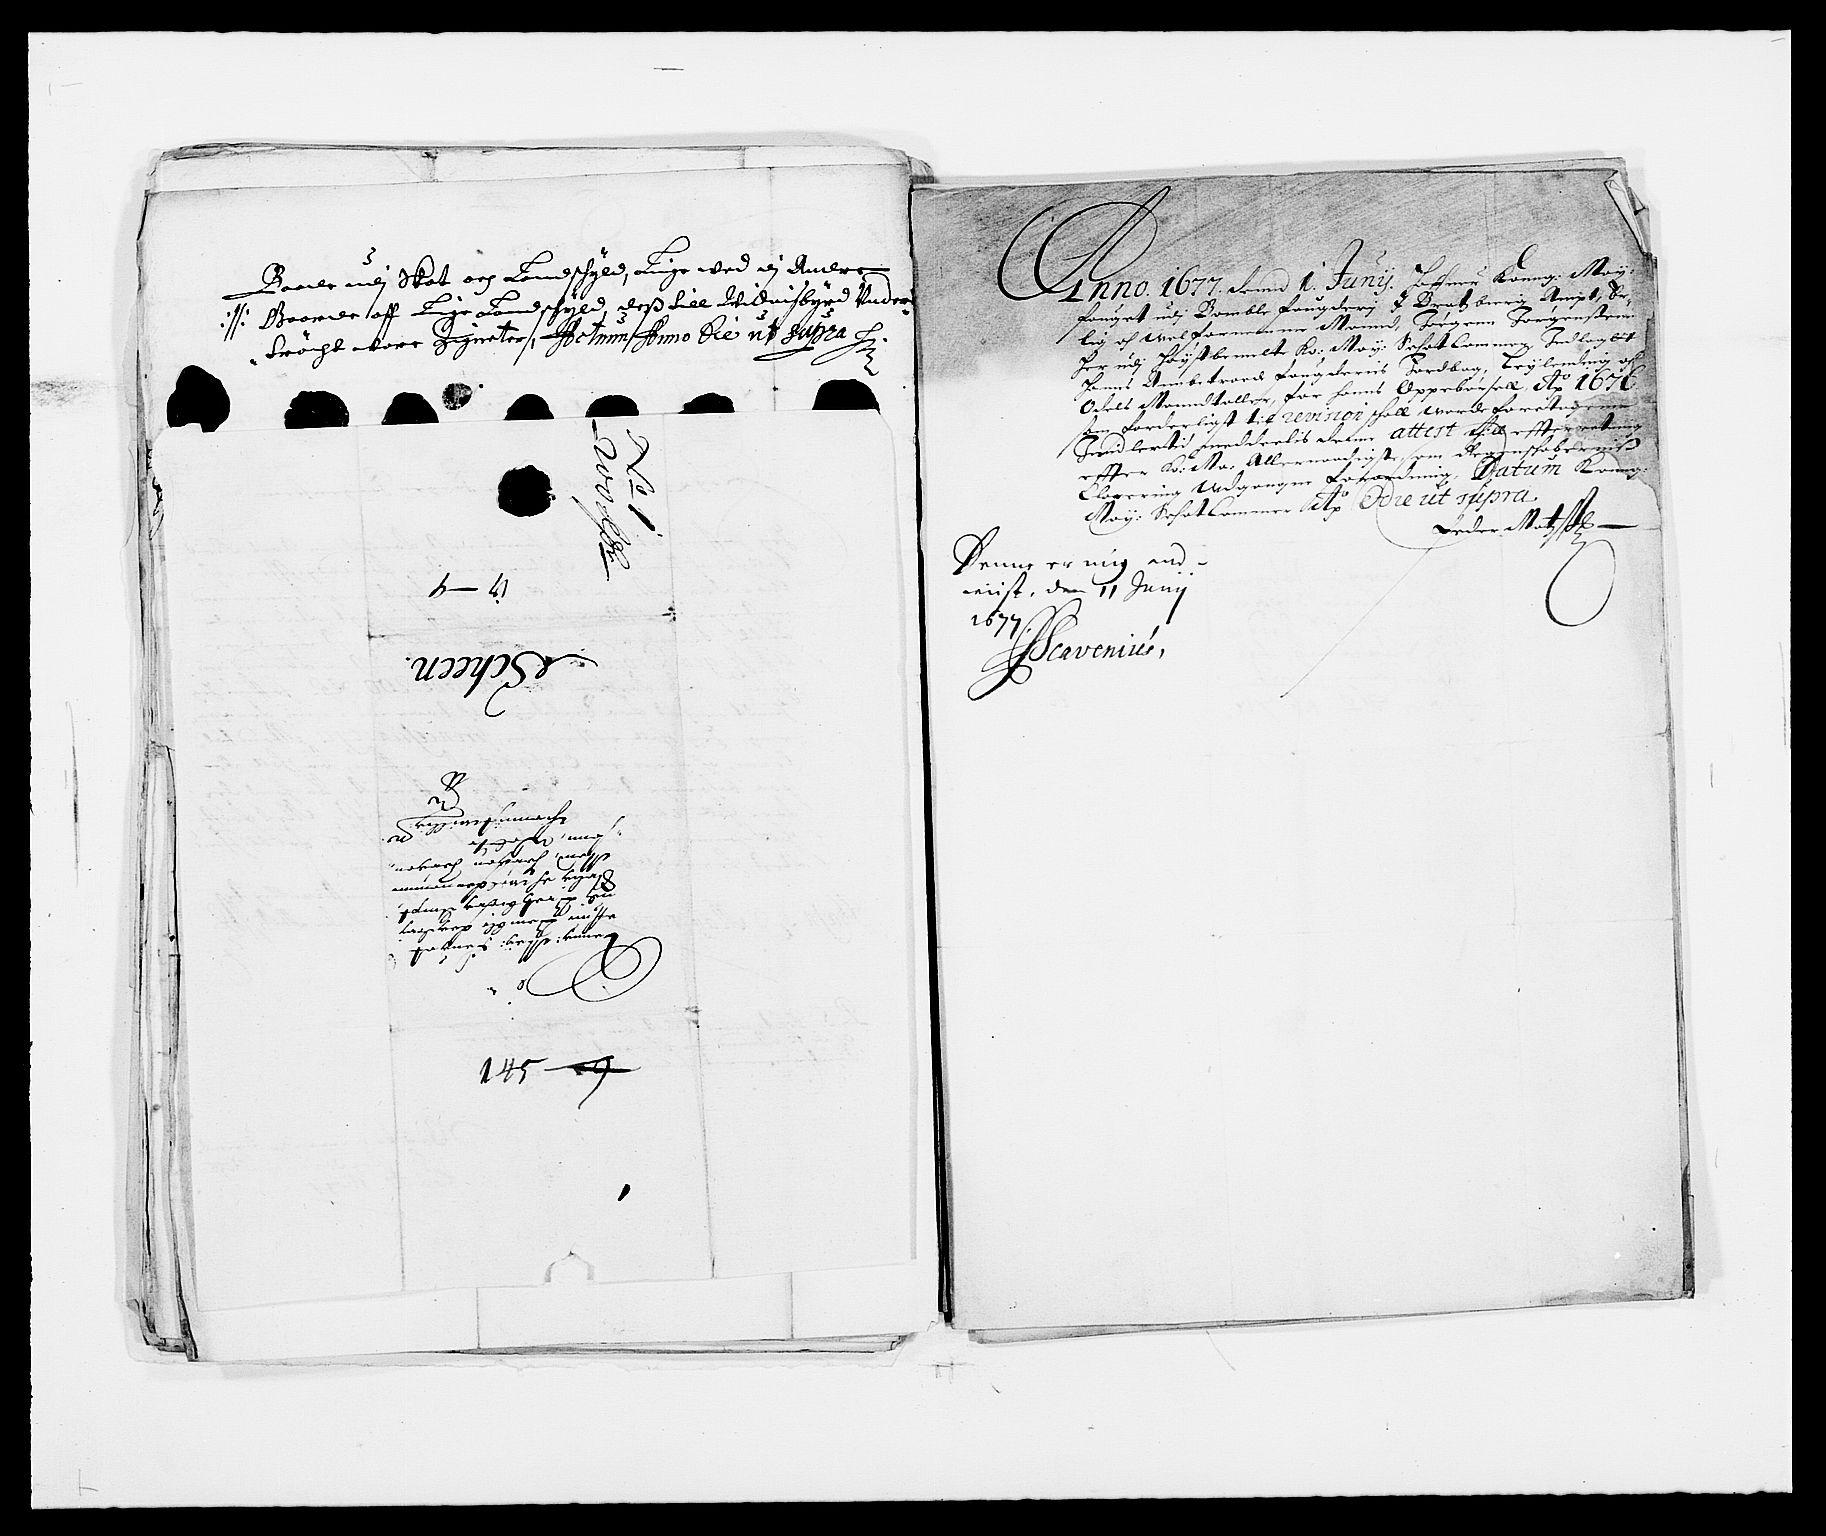 RA, Rentekammeret inntil 1814, Reviderte regnskaper, Fogderegnskap, R34/L2041: Fogderegnskap Bamble, 1670-1672, s. 427